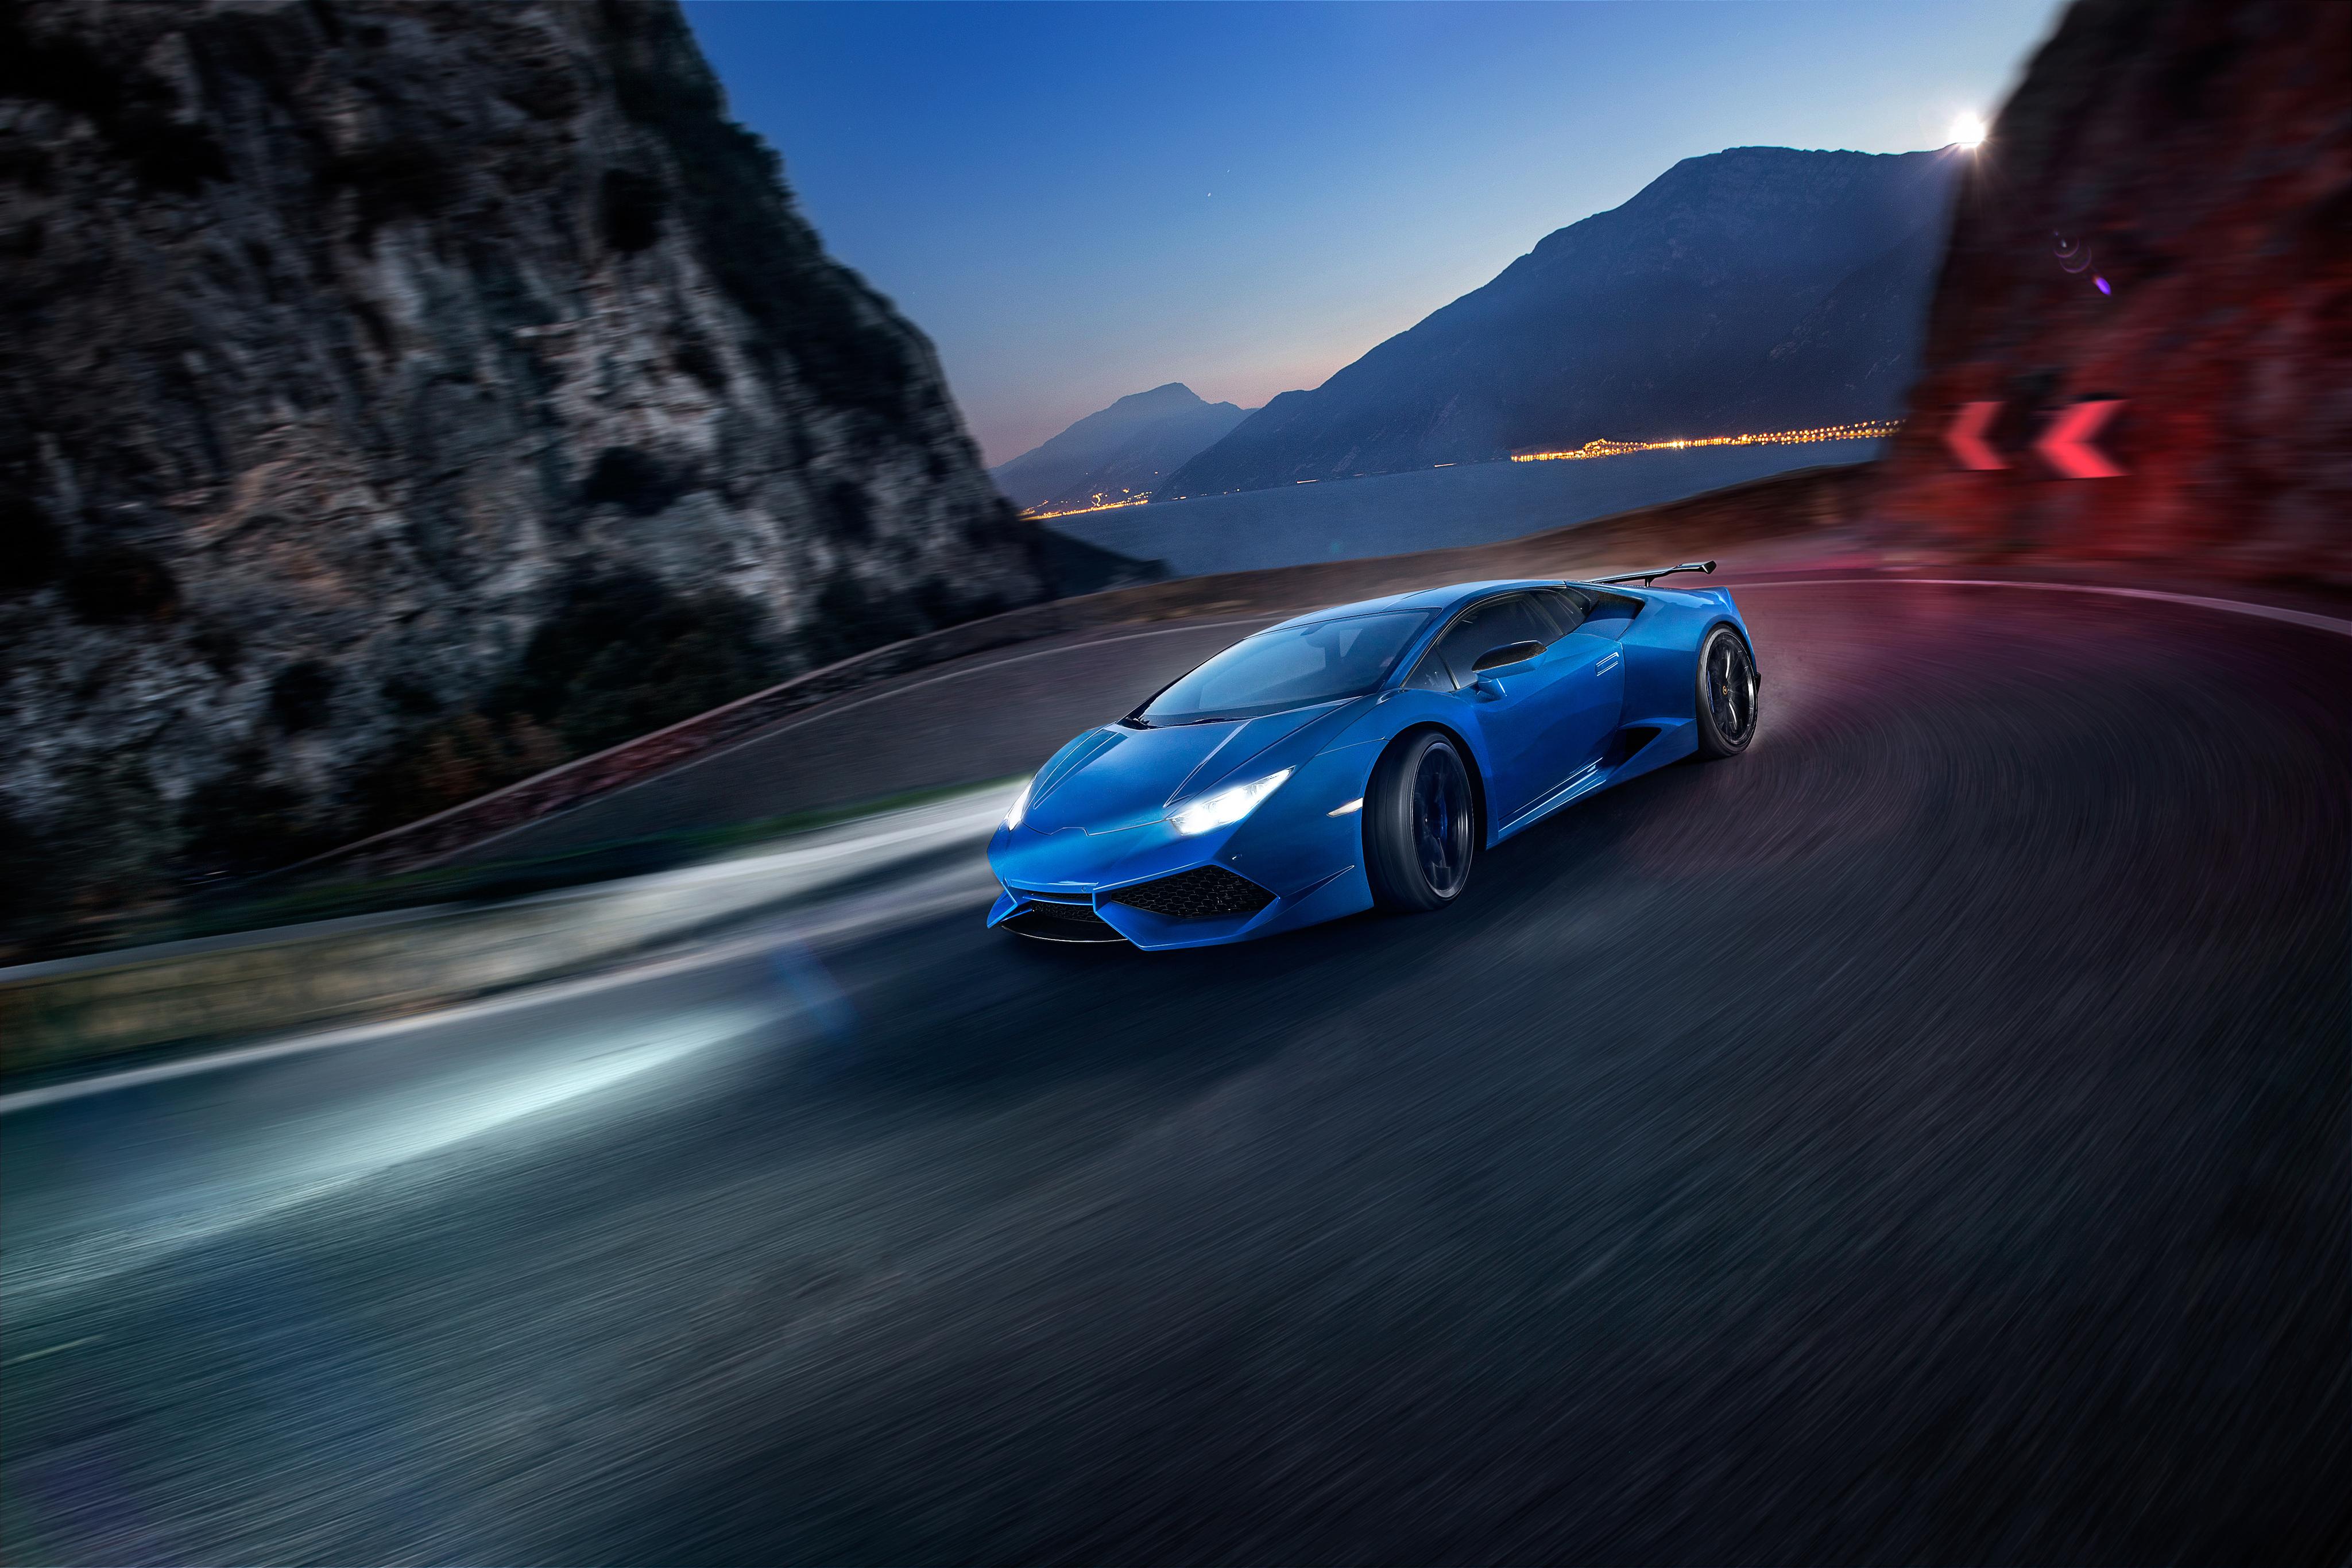 87461 papel de parede 1125x2436 em seu telefone gratuitamente, baixe imagens Lamborghini, Carros, Vista Lateral, Huracan, Rio Huracan, Novitec Torado, Torado Novitec 1125x2436 em seu celular